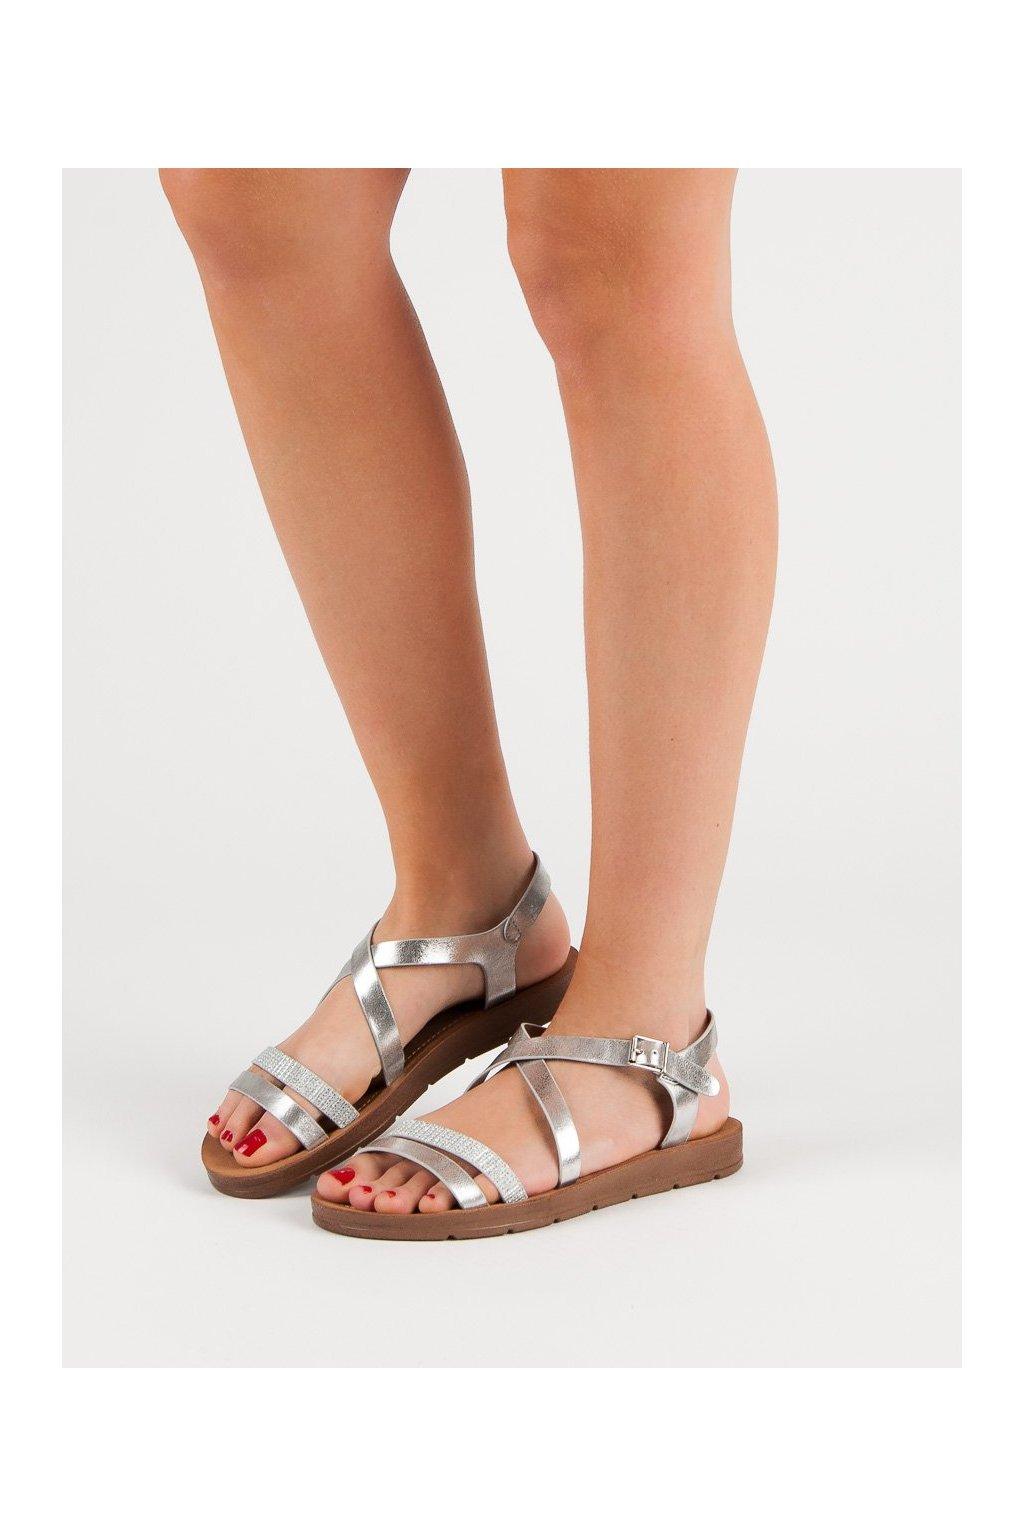 Sivé sandále Filippo kod DS803/19S